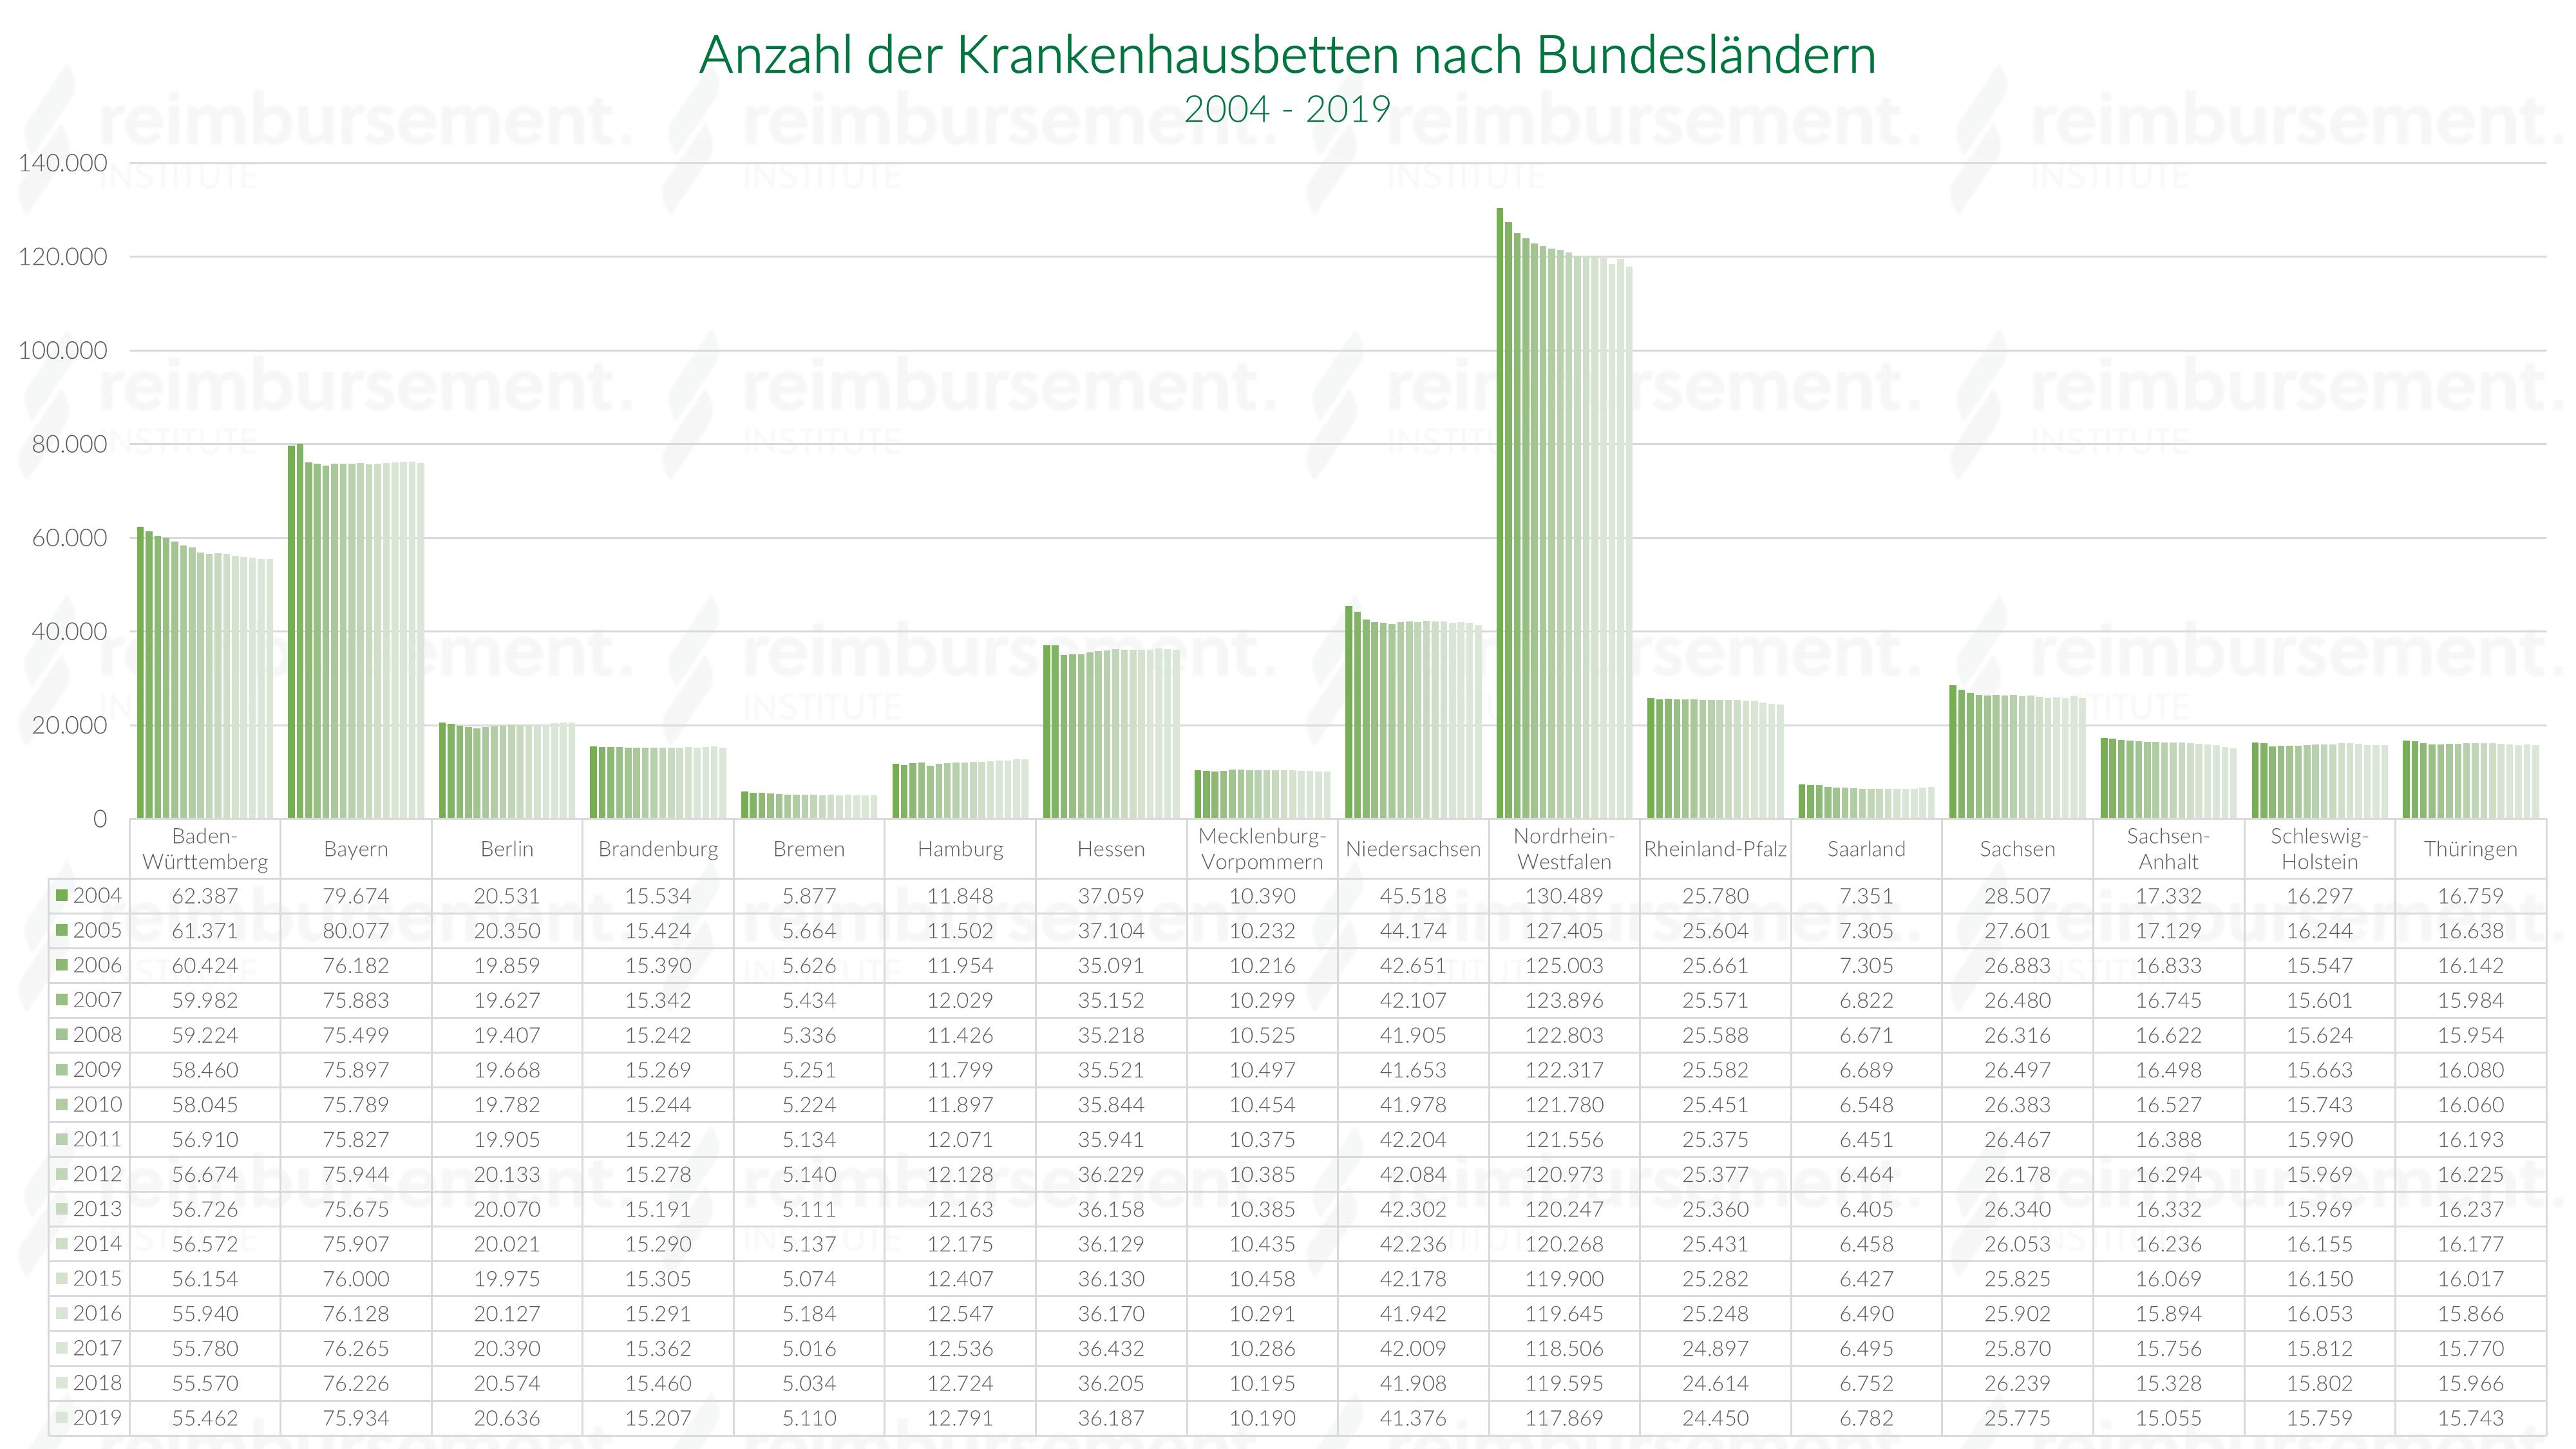 Krankenhausbettenanzahl nach Bundesländern im Jahresverlauf - 2004 bis 2018